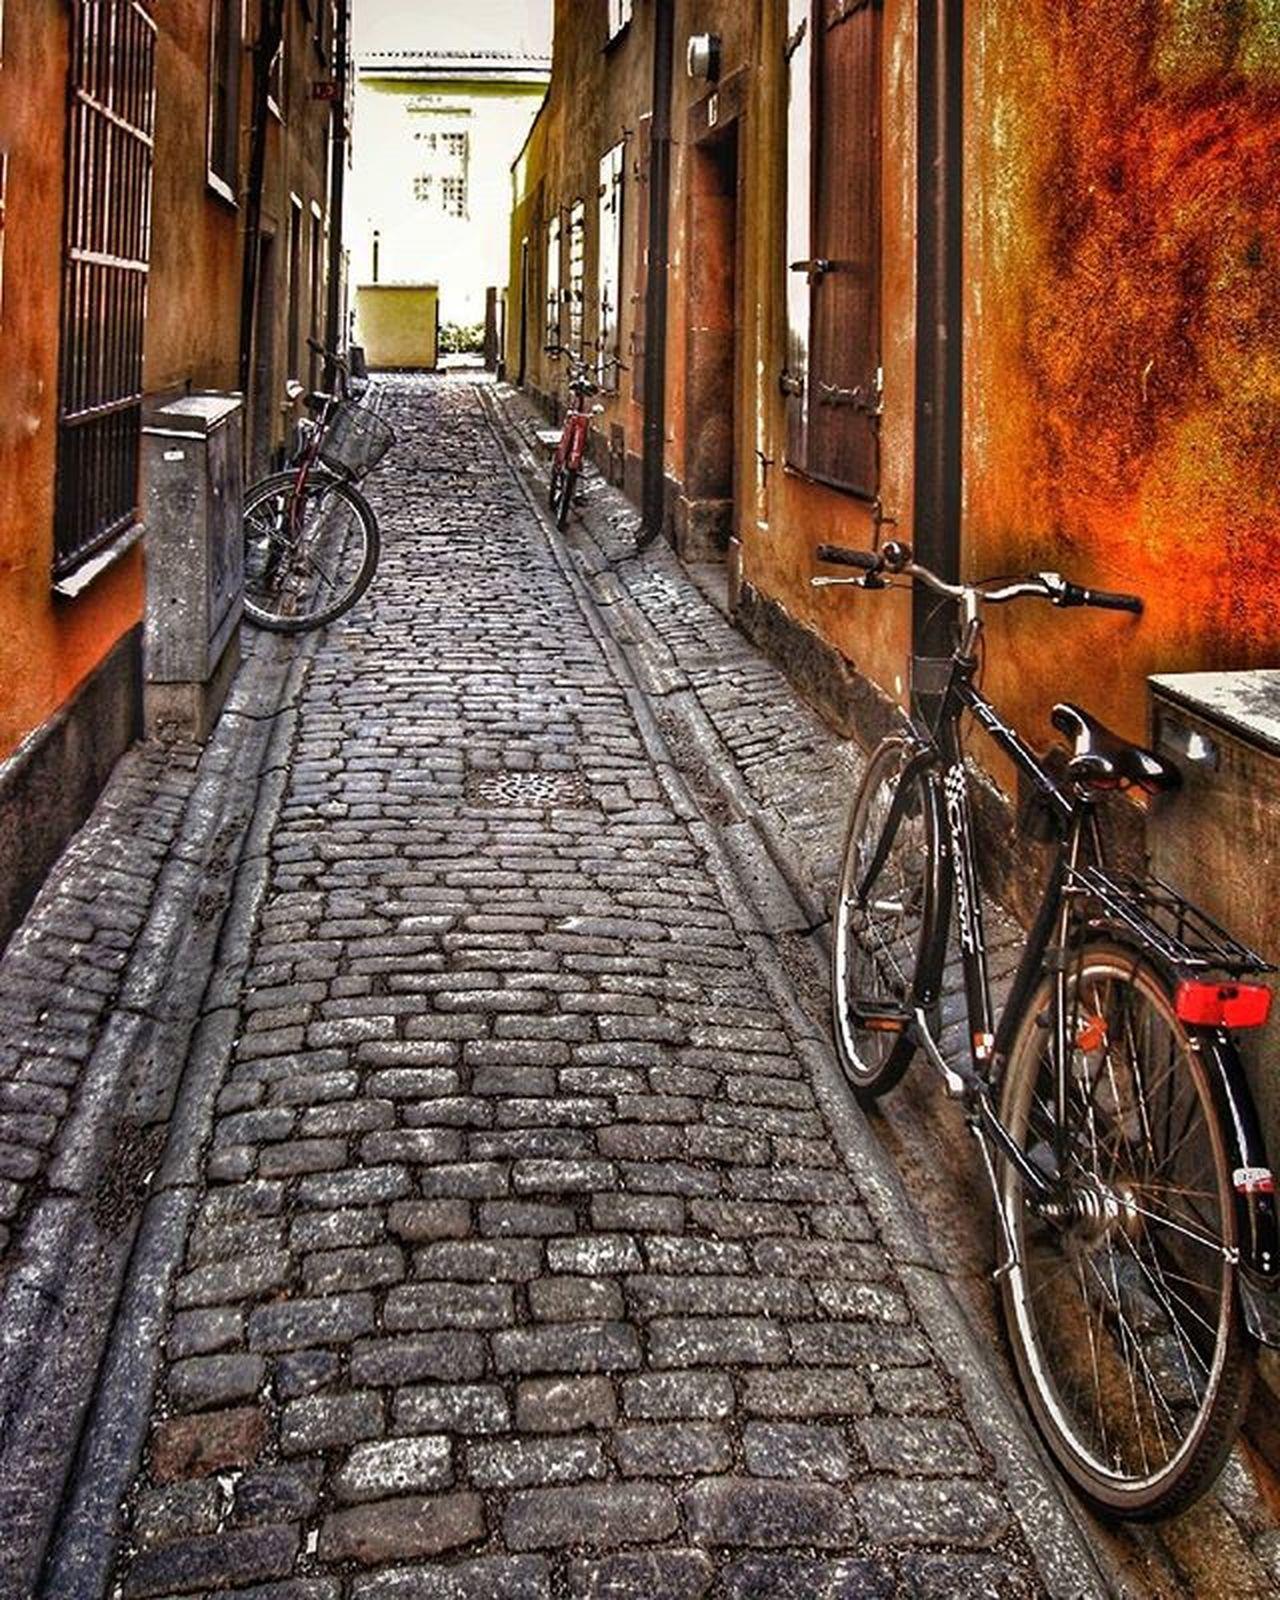 Stockholm's street. Stockholm Sweden Ig_sweden